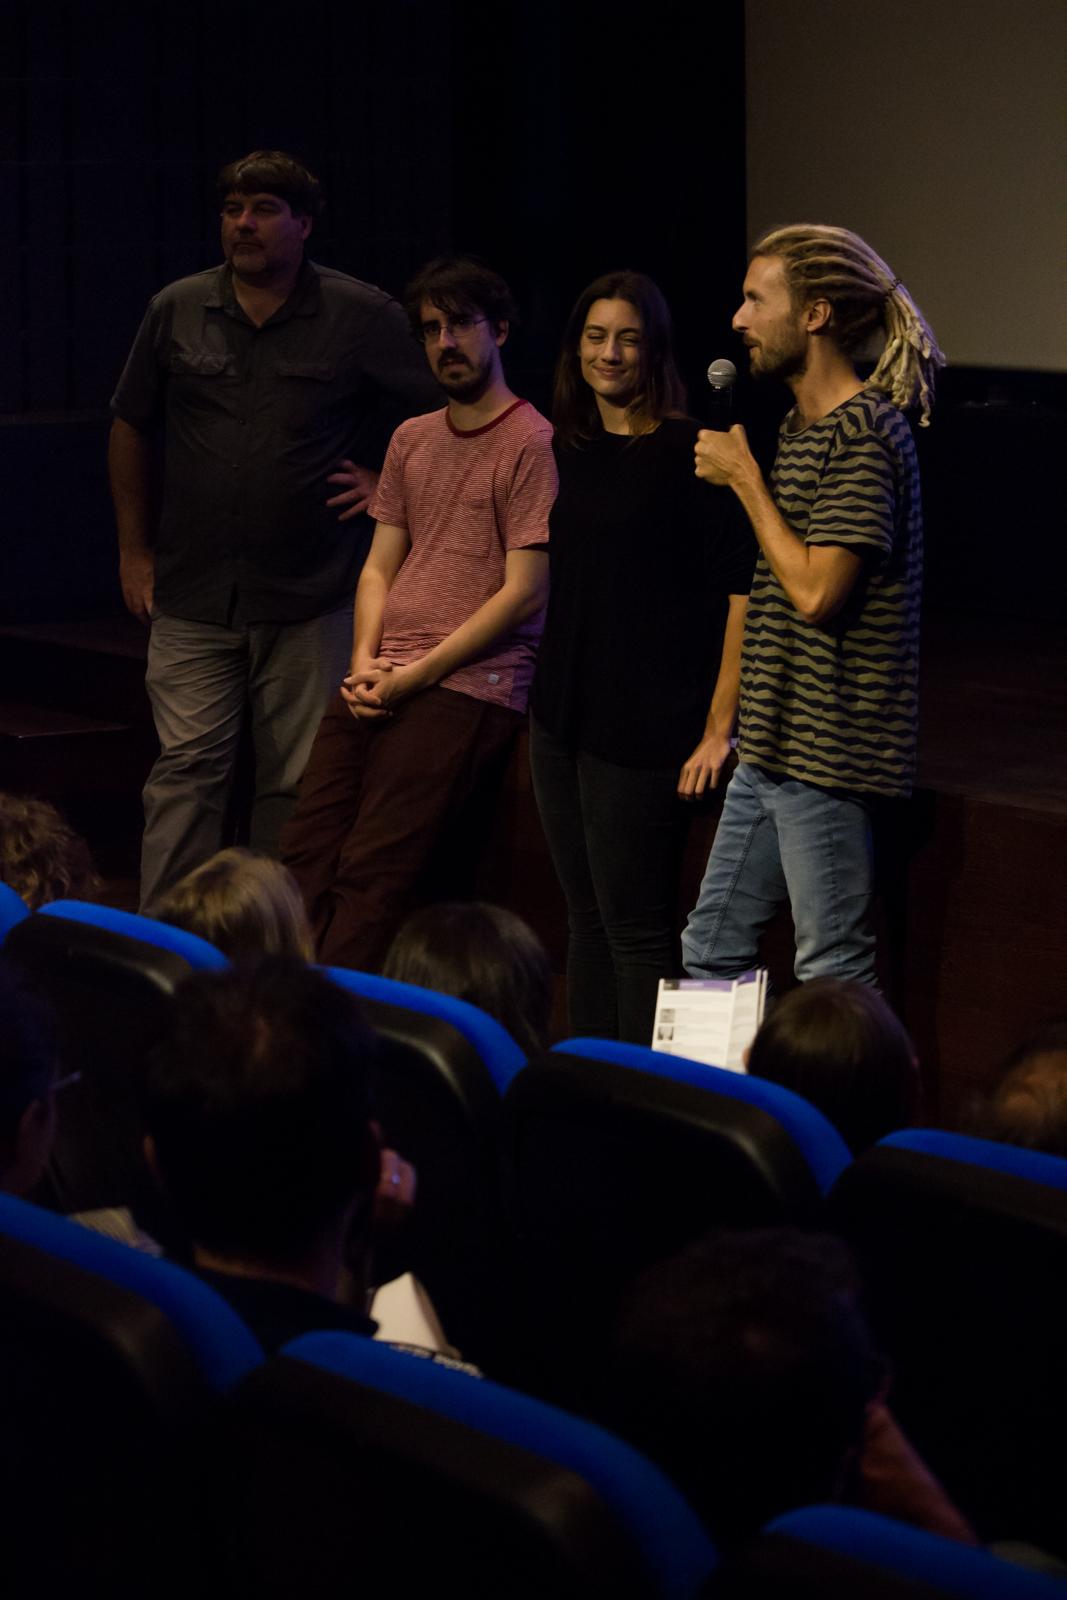 IMG_9097_NDC18_2018-09-21_Geneve©SergeMabuya_NicolasBurlet-MarcelBarelli-MauroCarraro.jpg